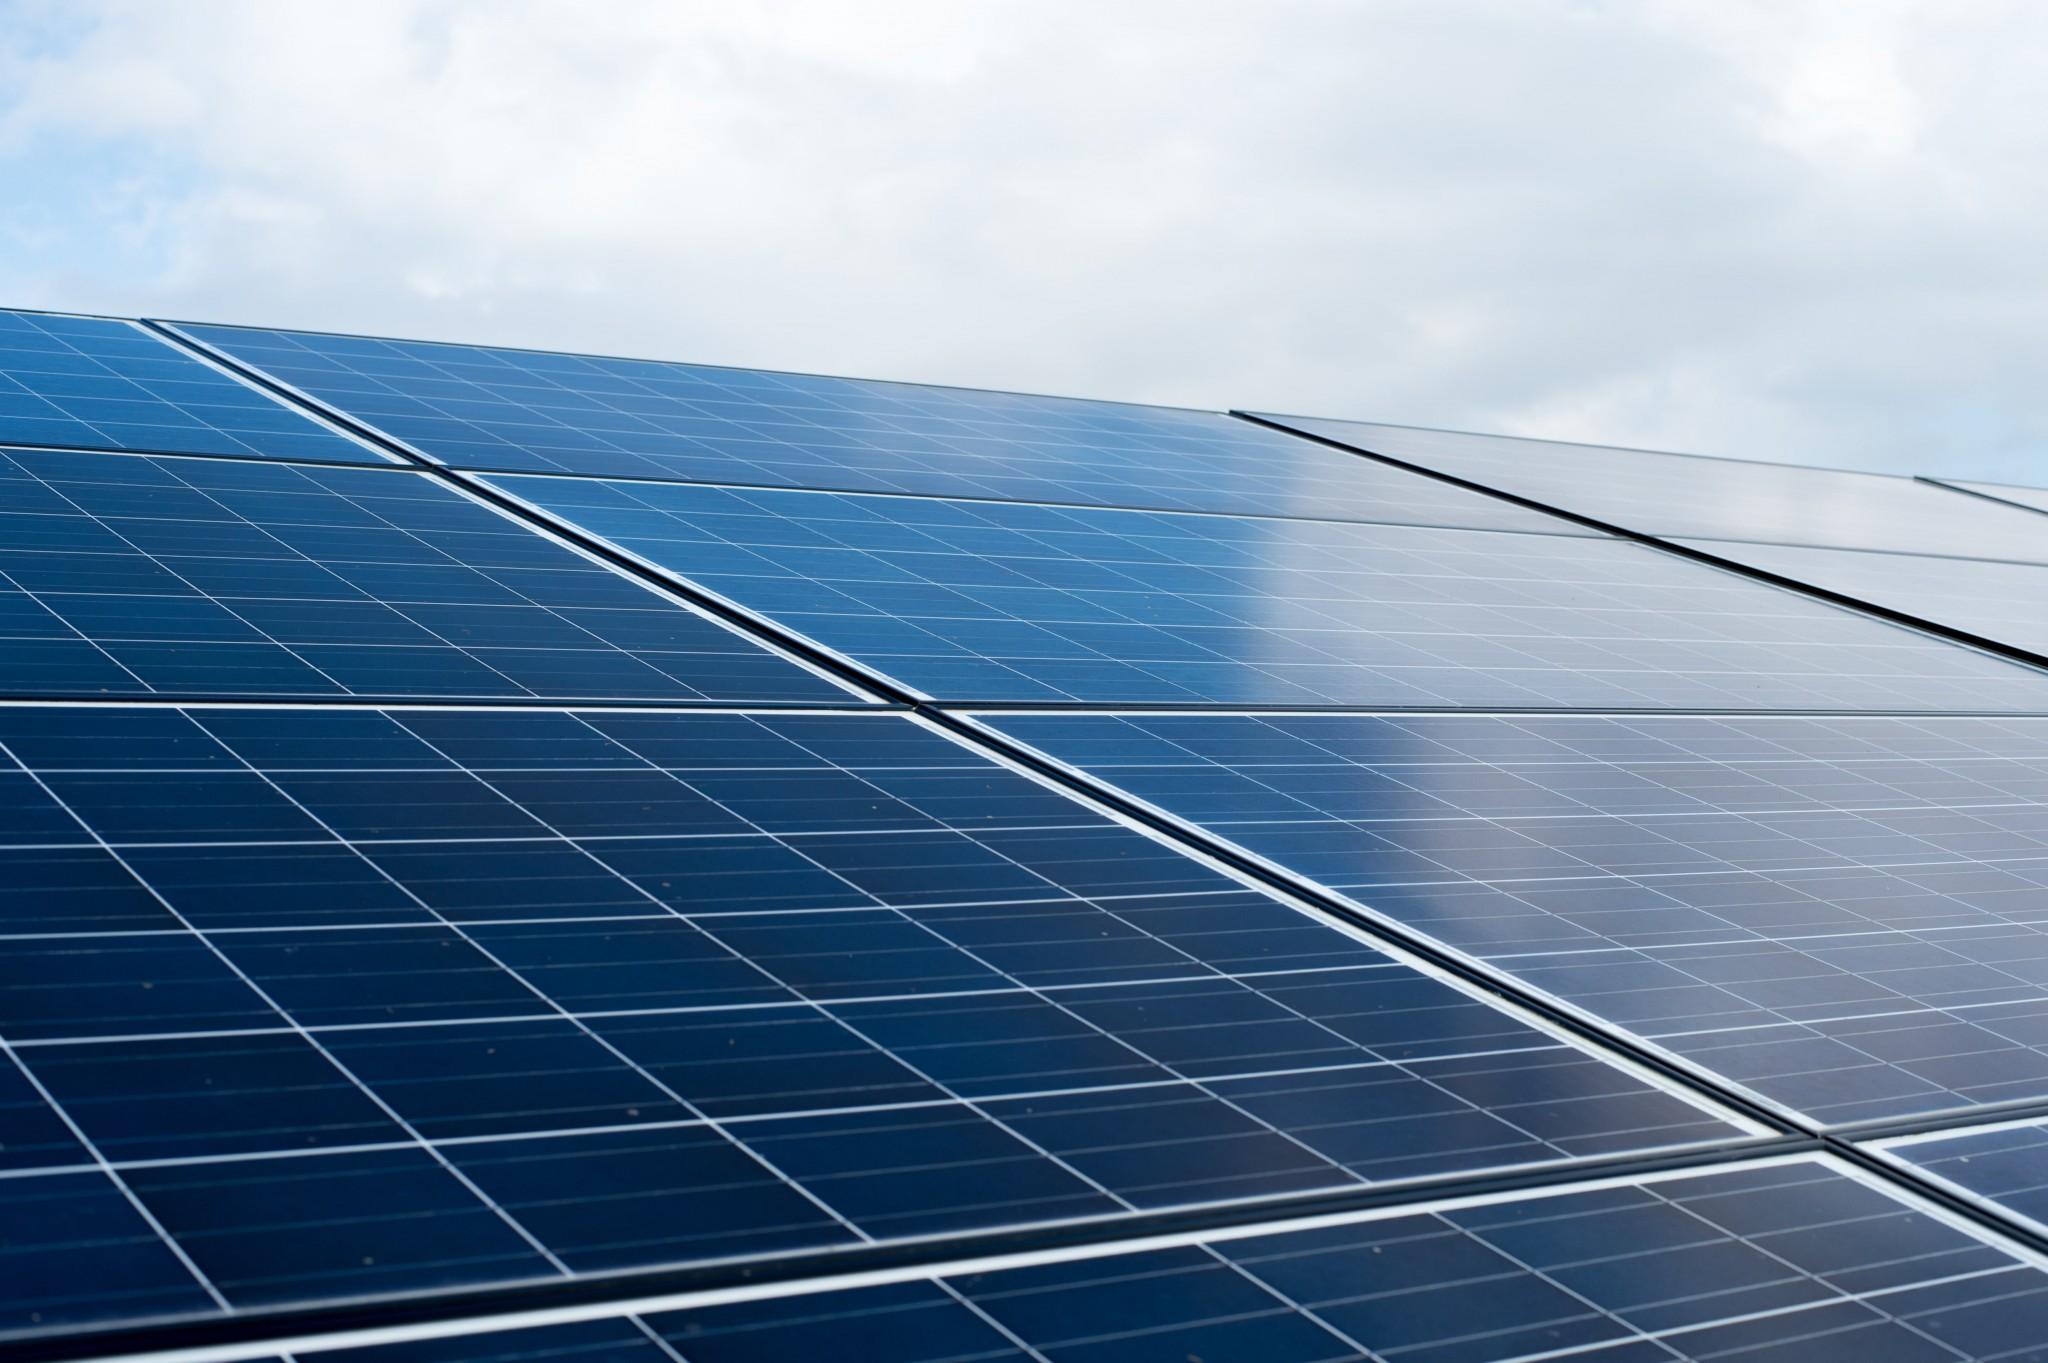 Sistema fotovoltaico conectado rede el trica sistema on for Baterias de placas solares